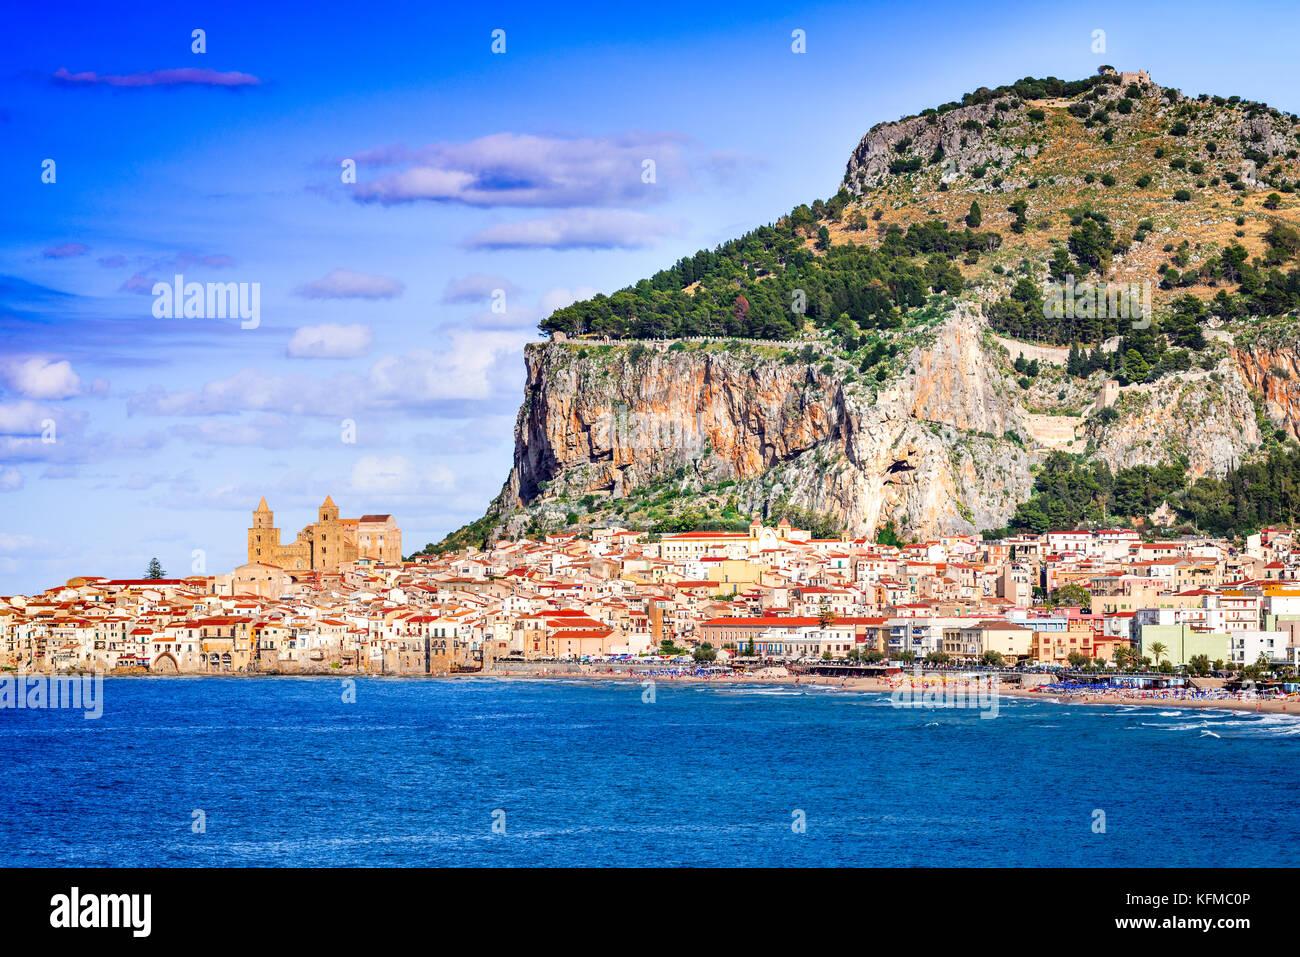 Cefalù, Sicilia. Mar Ligure e la medievale città siciliana. Provincia di Palermo, Italia. Immagini Stock